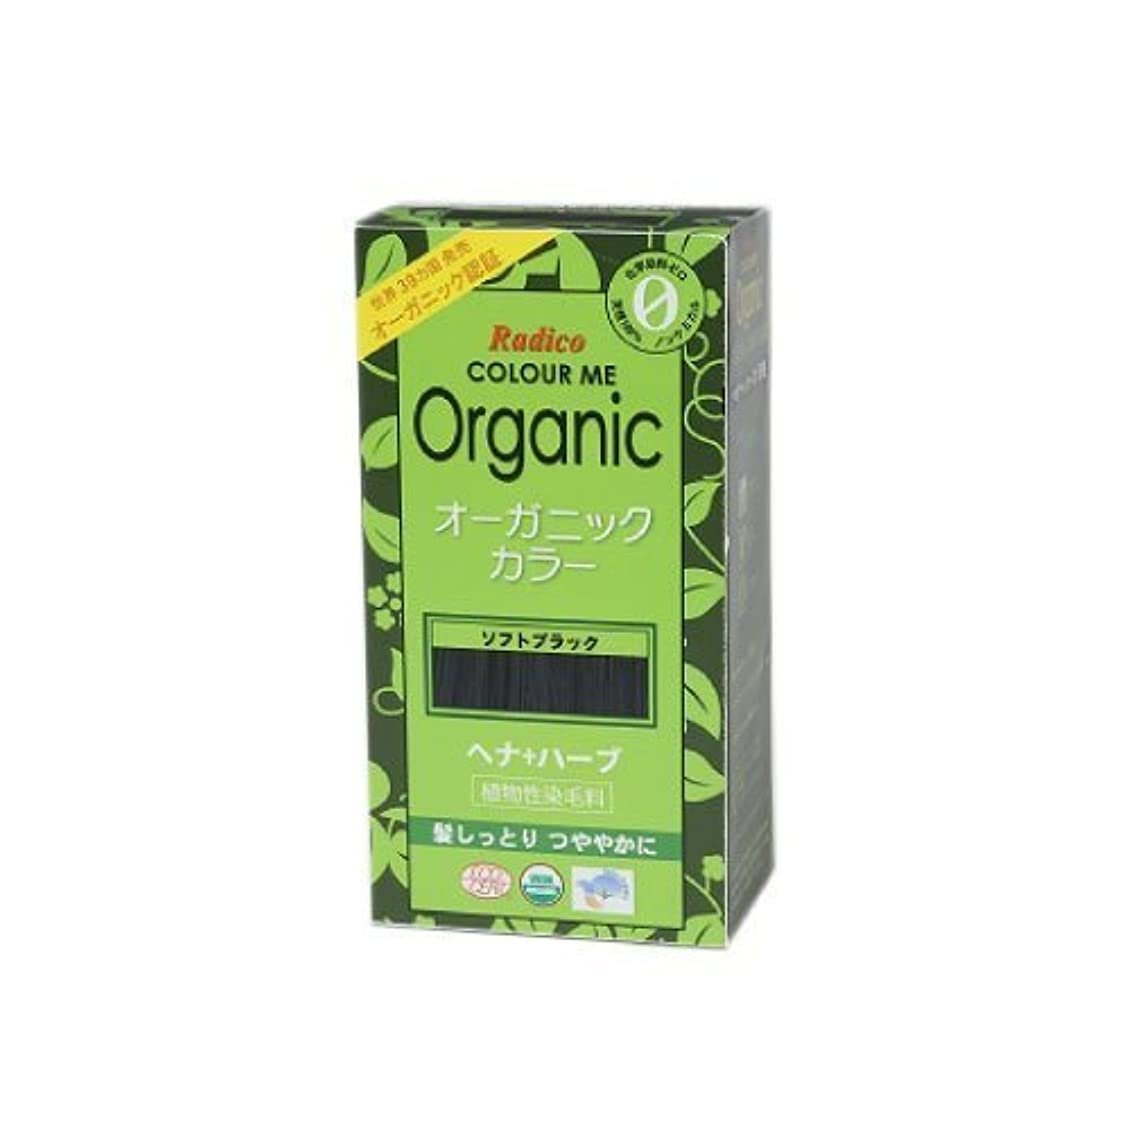 パック委託ちらつきCOLOURME Organic (カラーミーオーガニック ヘナ 白髪用 髪色戻し) ソフトブラック 100g